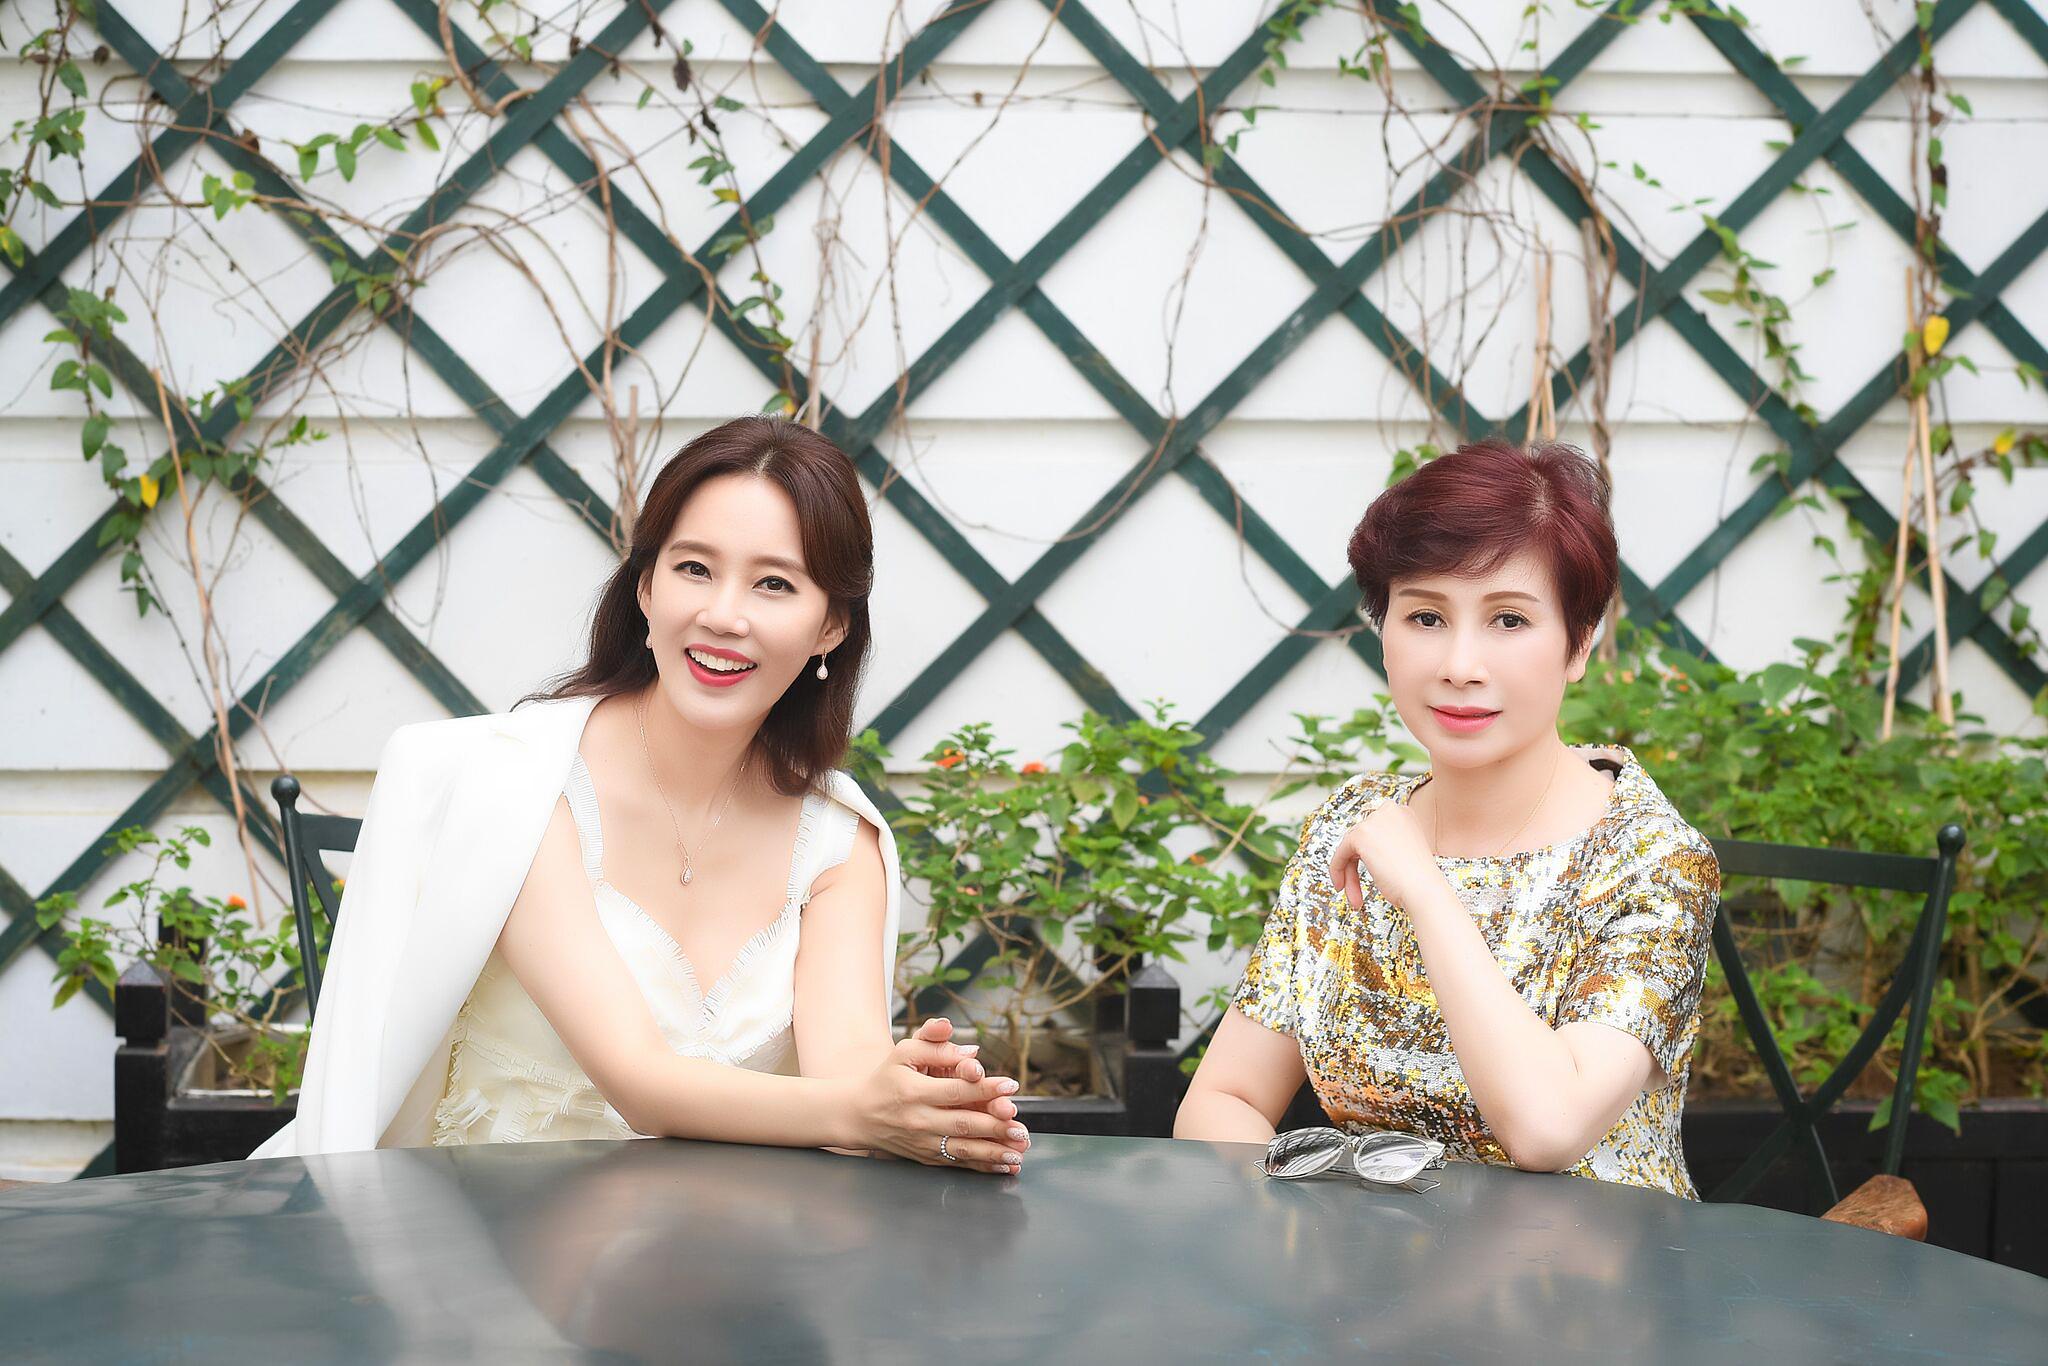 """Ở tuổi 47, ngôi sao phim """"Gia đình là số 1"""" vẫn trẻ trung và nổi bật dự sự kiện tại Việt Nam - Ảnh 6."""